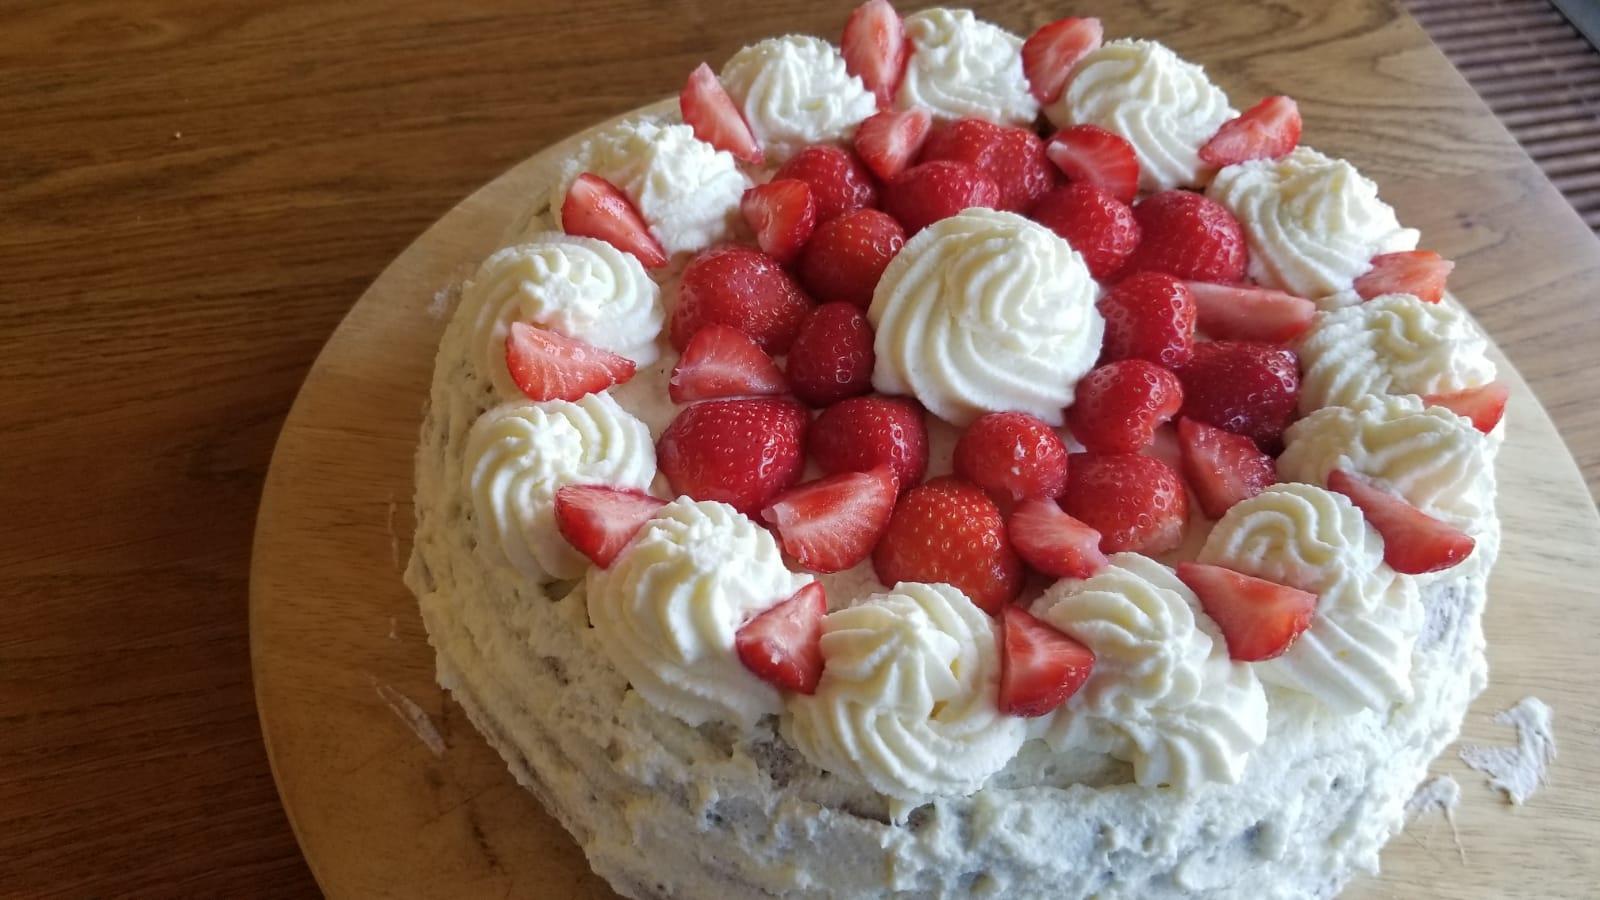 Recept voor glutenvrije slagroomtaart met verse aardbeien